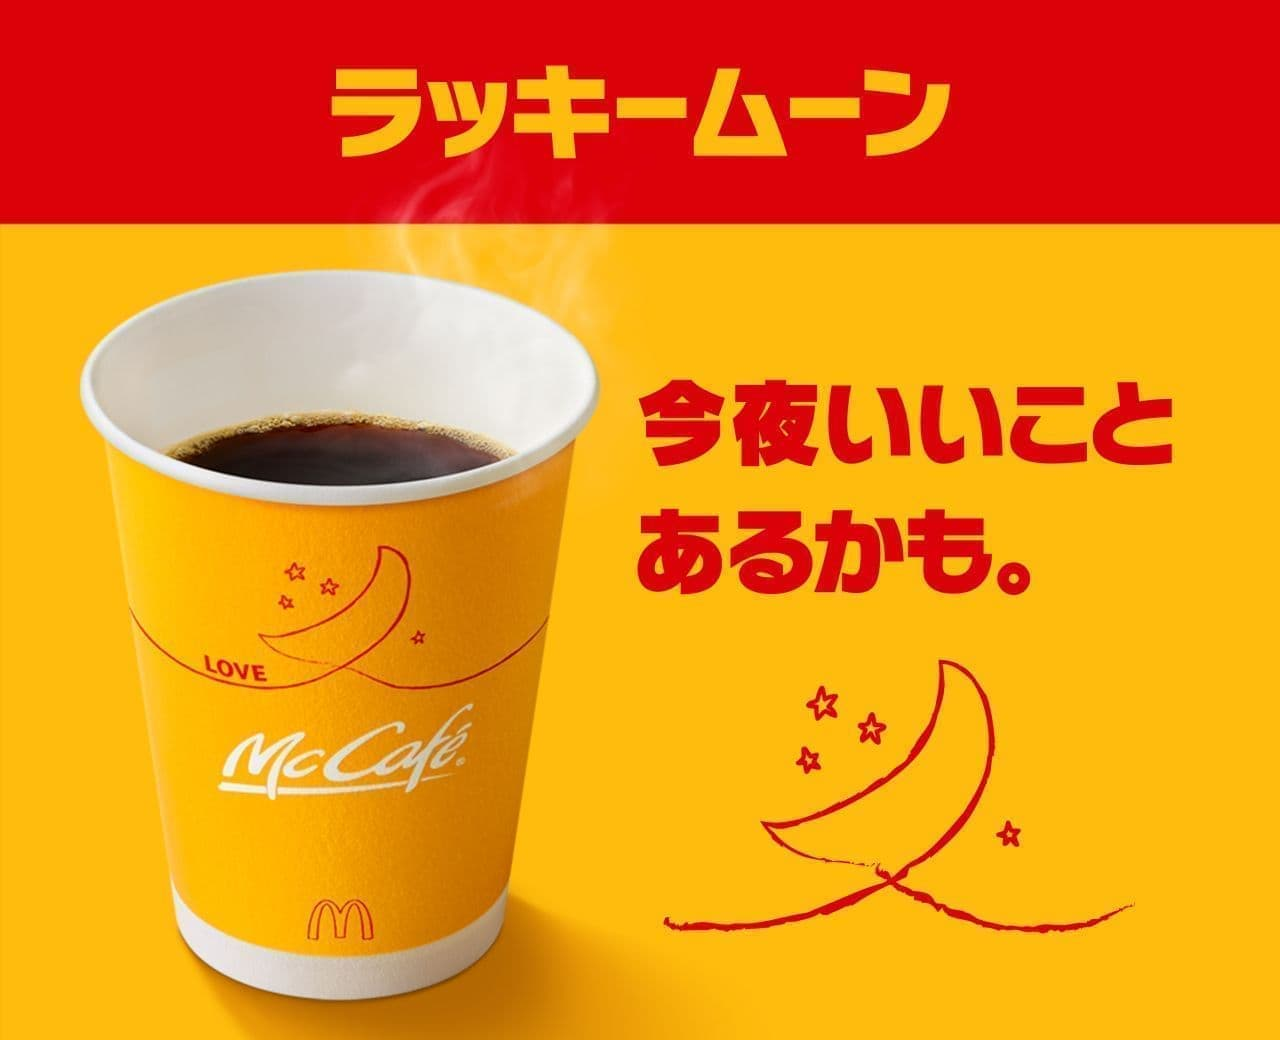 マクドナルド「ラッキーイエローウィーク」のコーヒーカップ